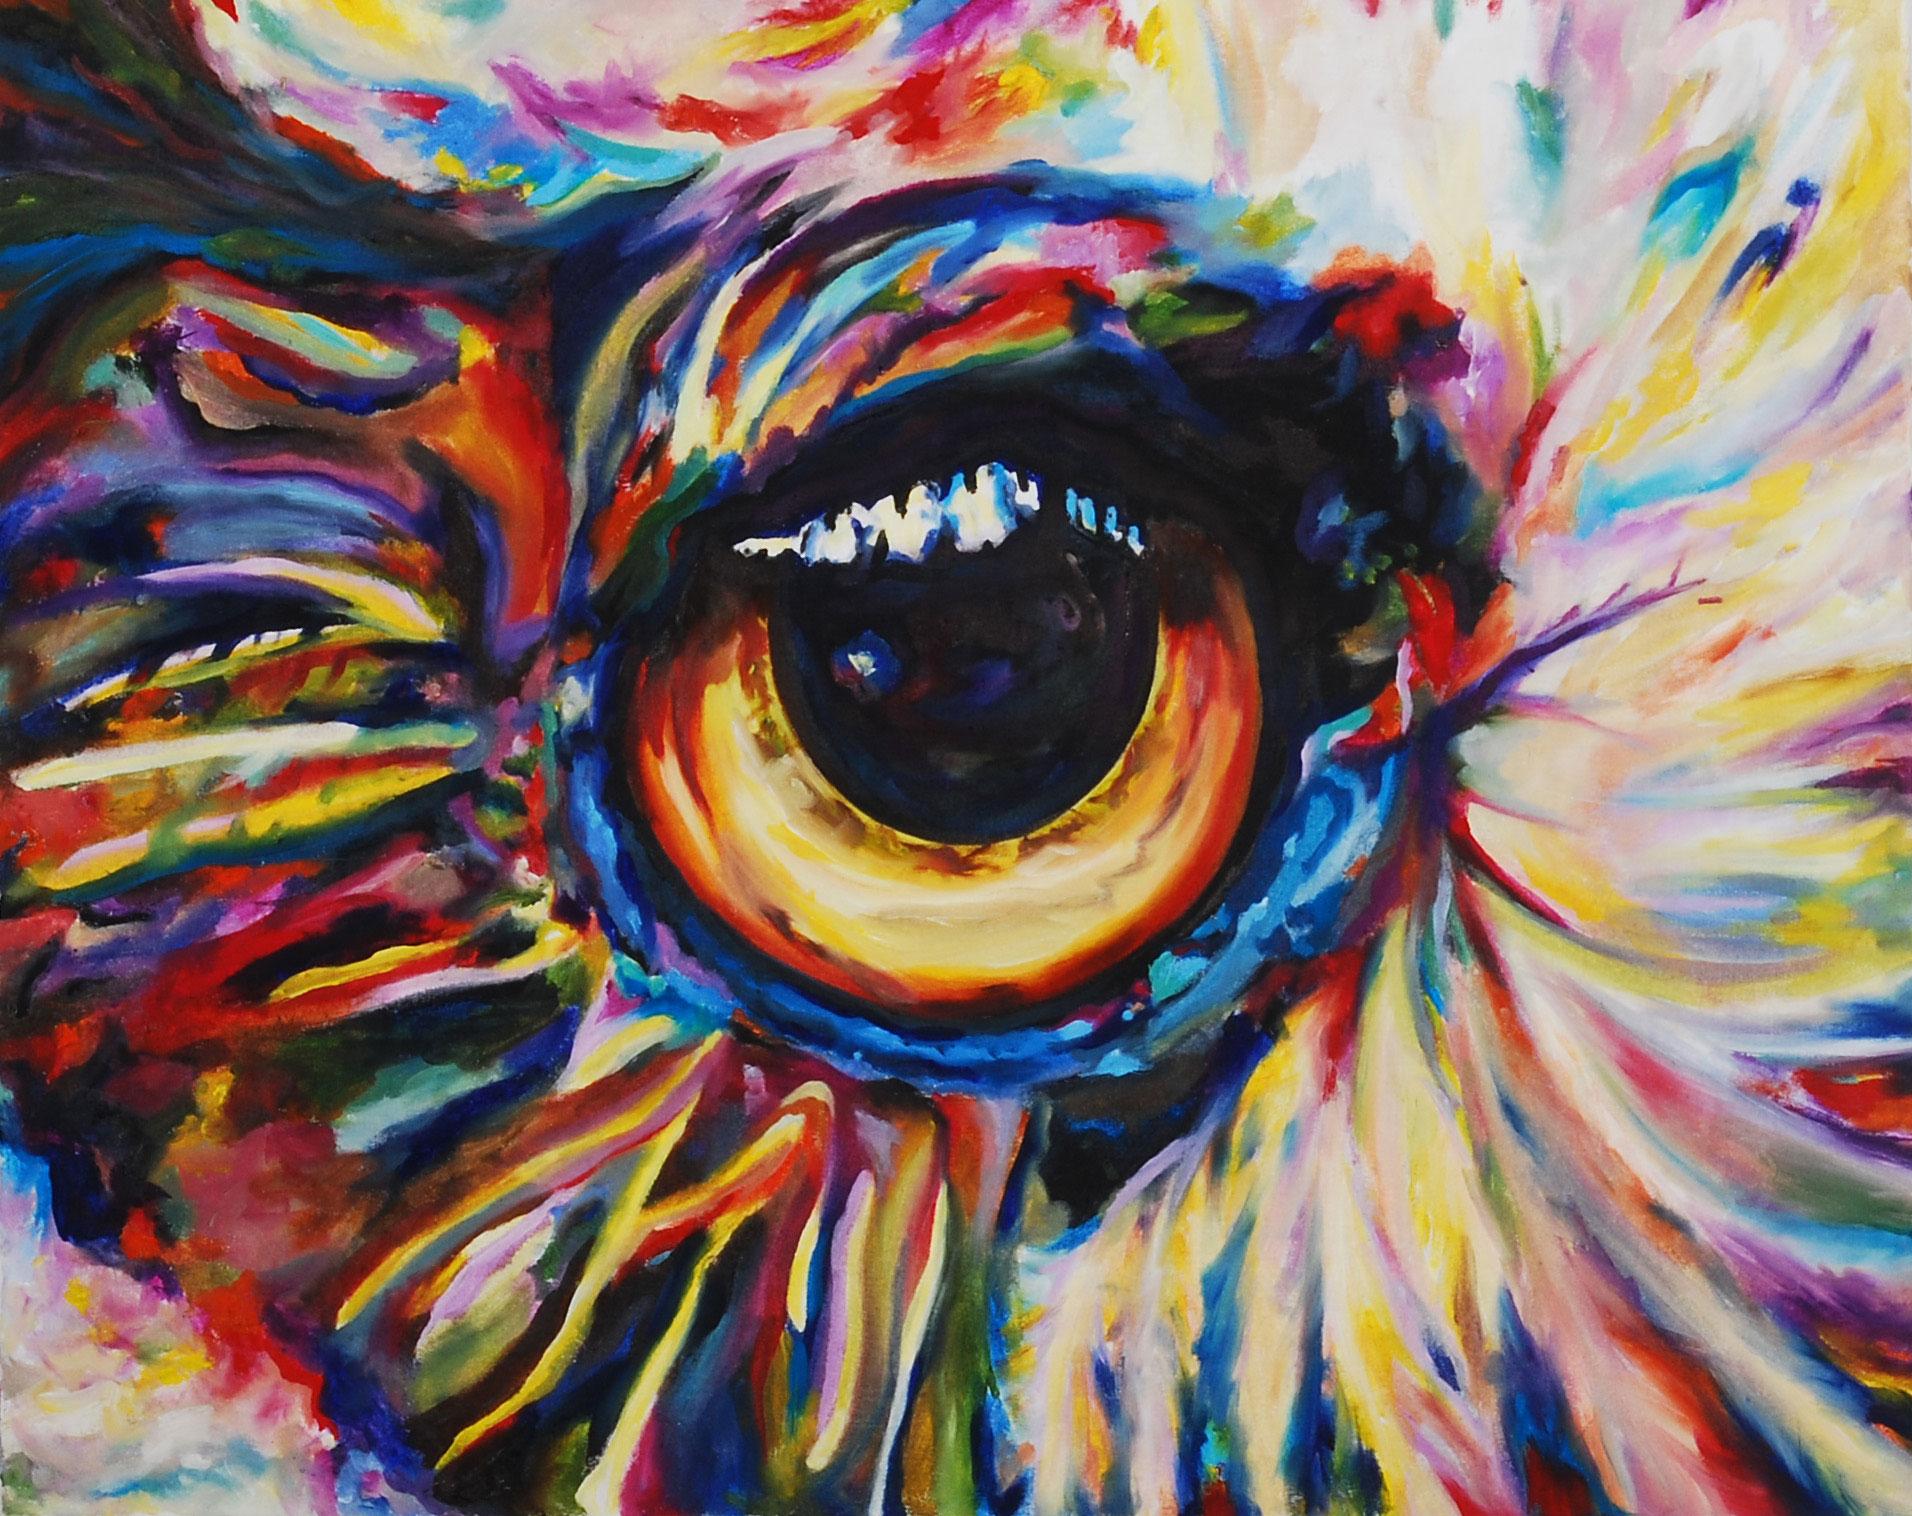 Rainbow Eye II